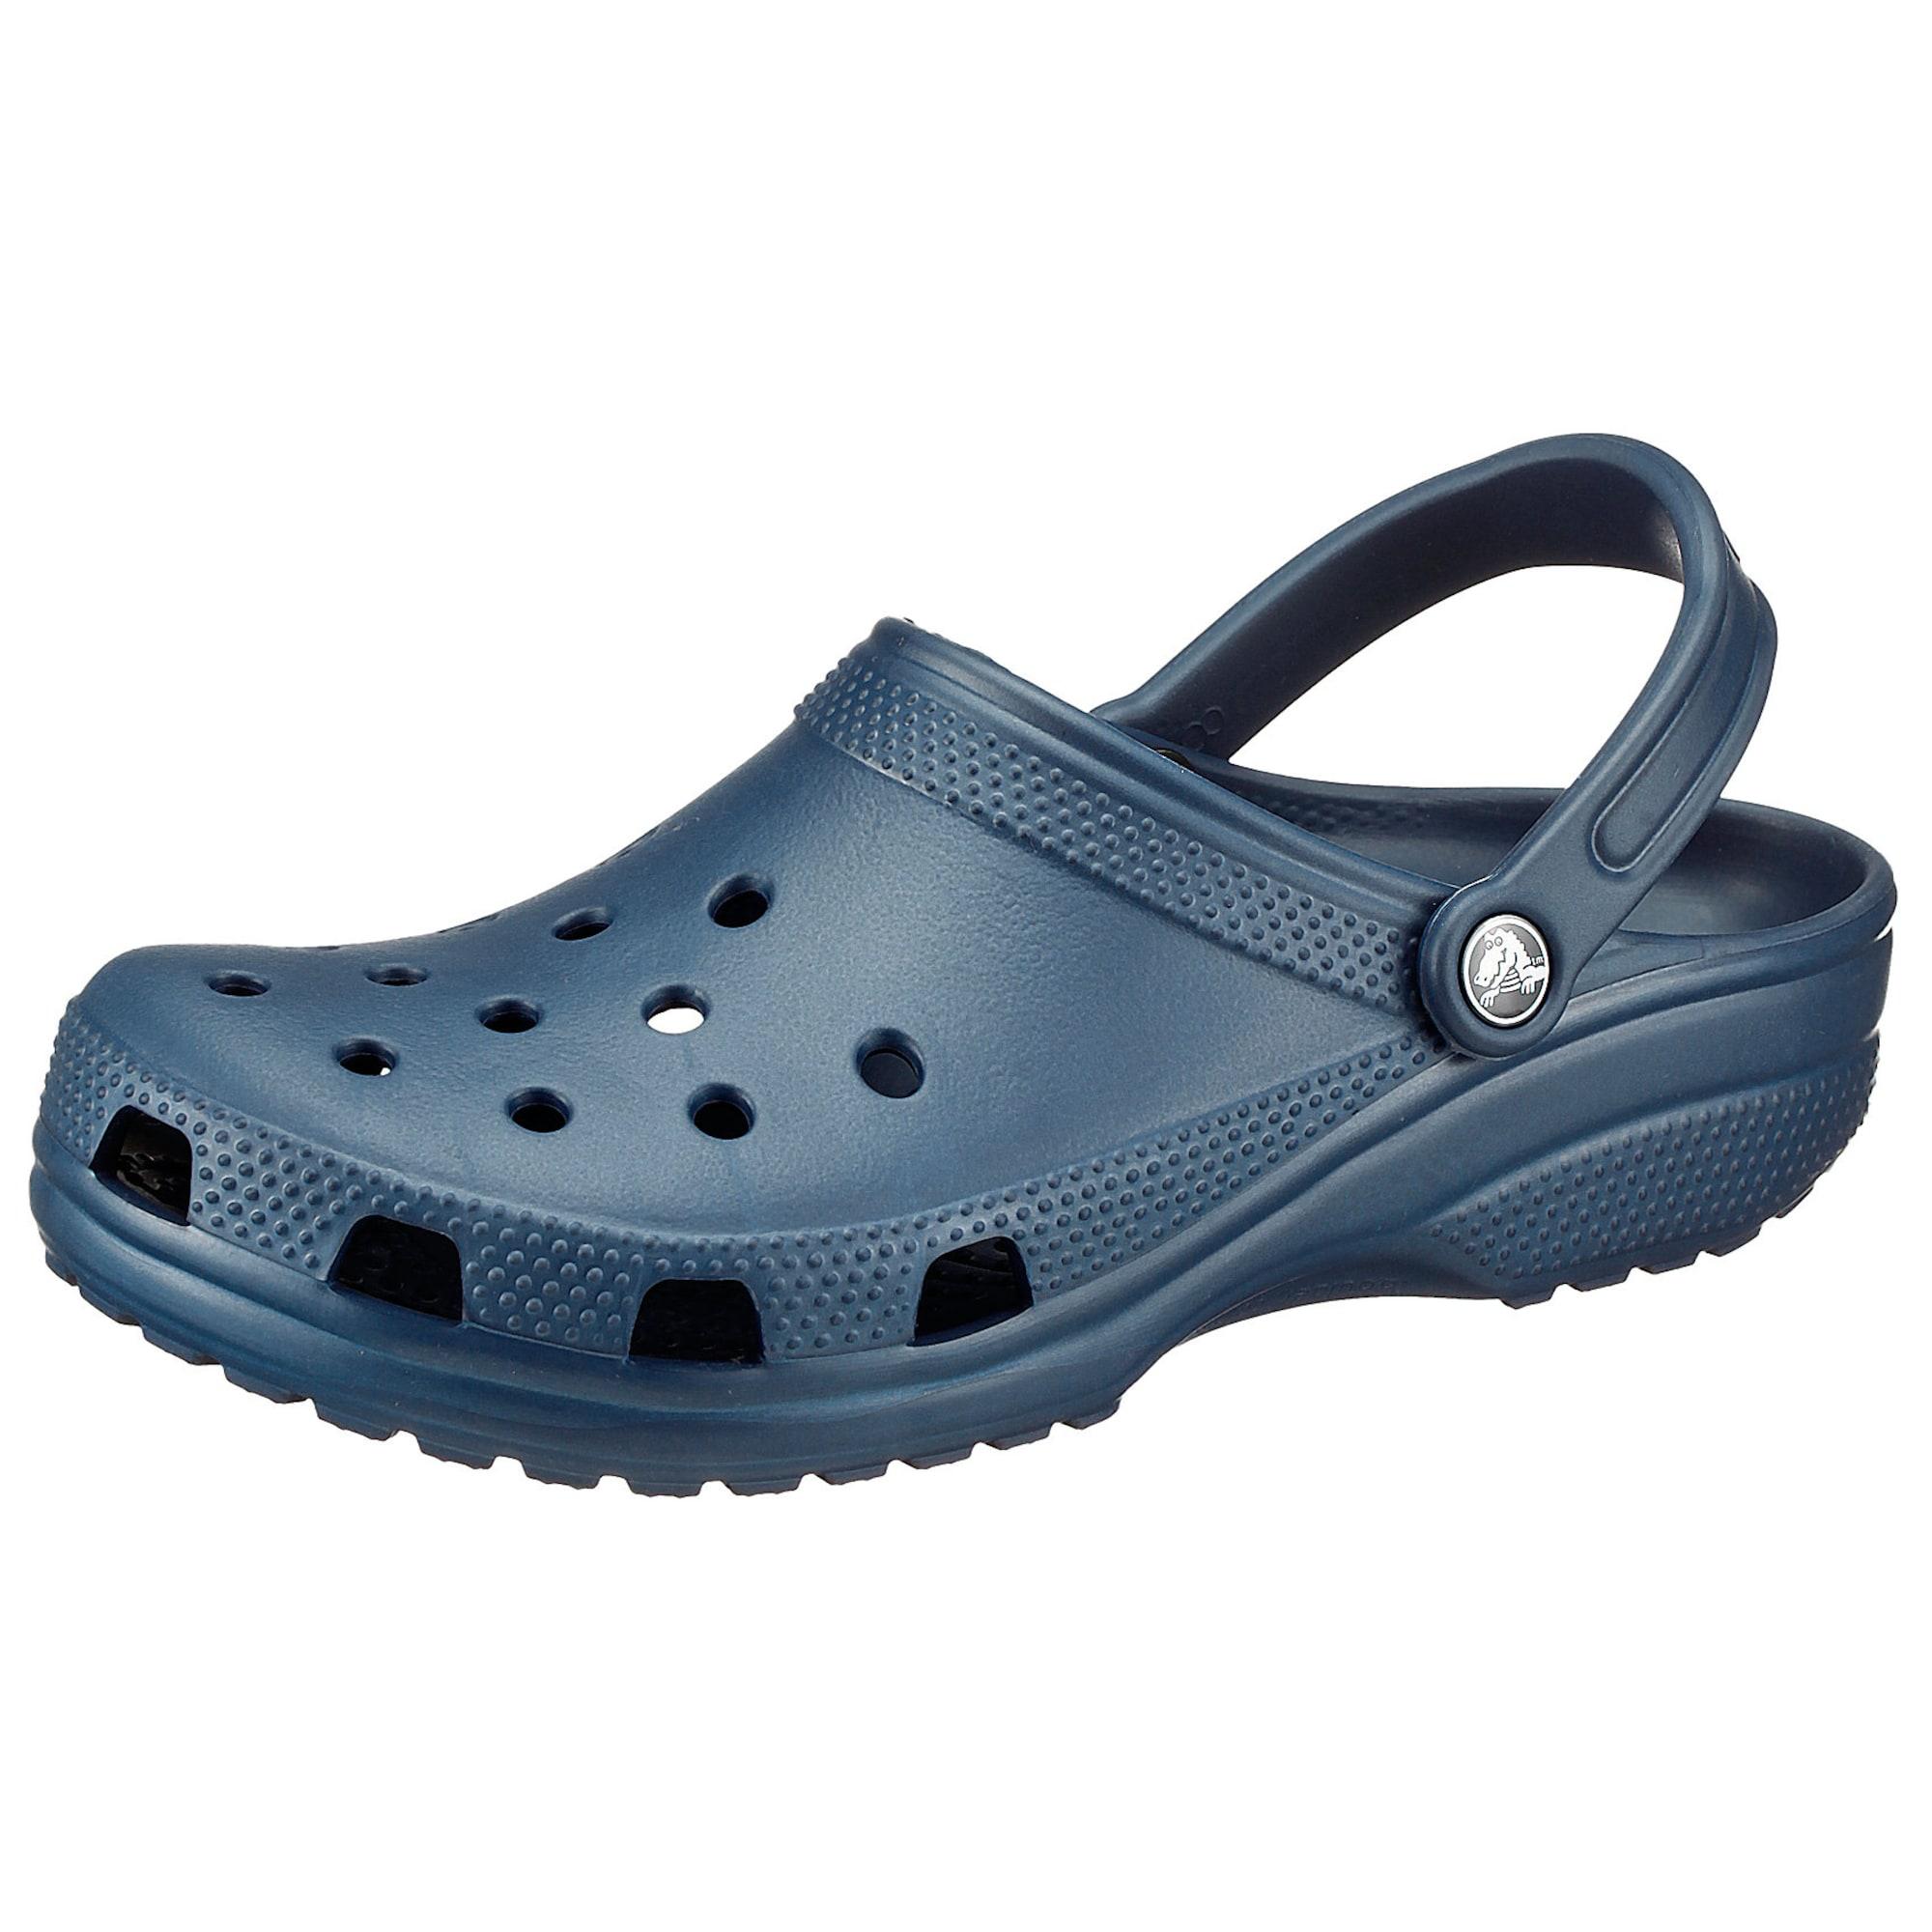 Clogs | Schuhe > Clogs & Pantoletten > Clogs | Blau | Crocs